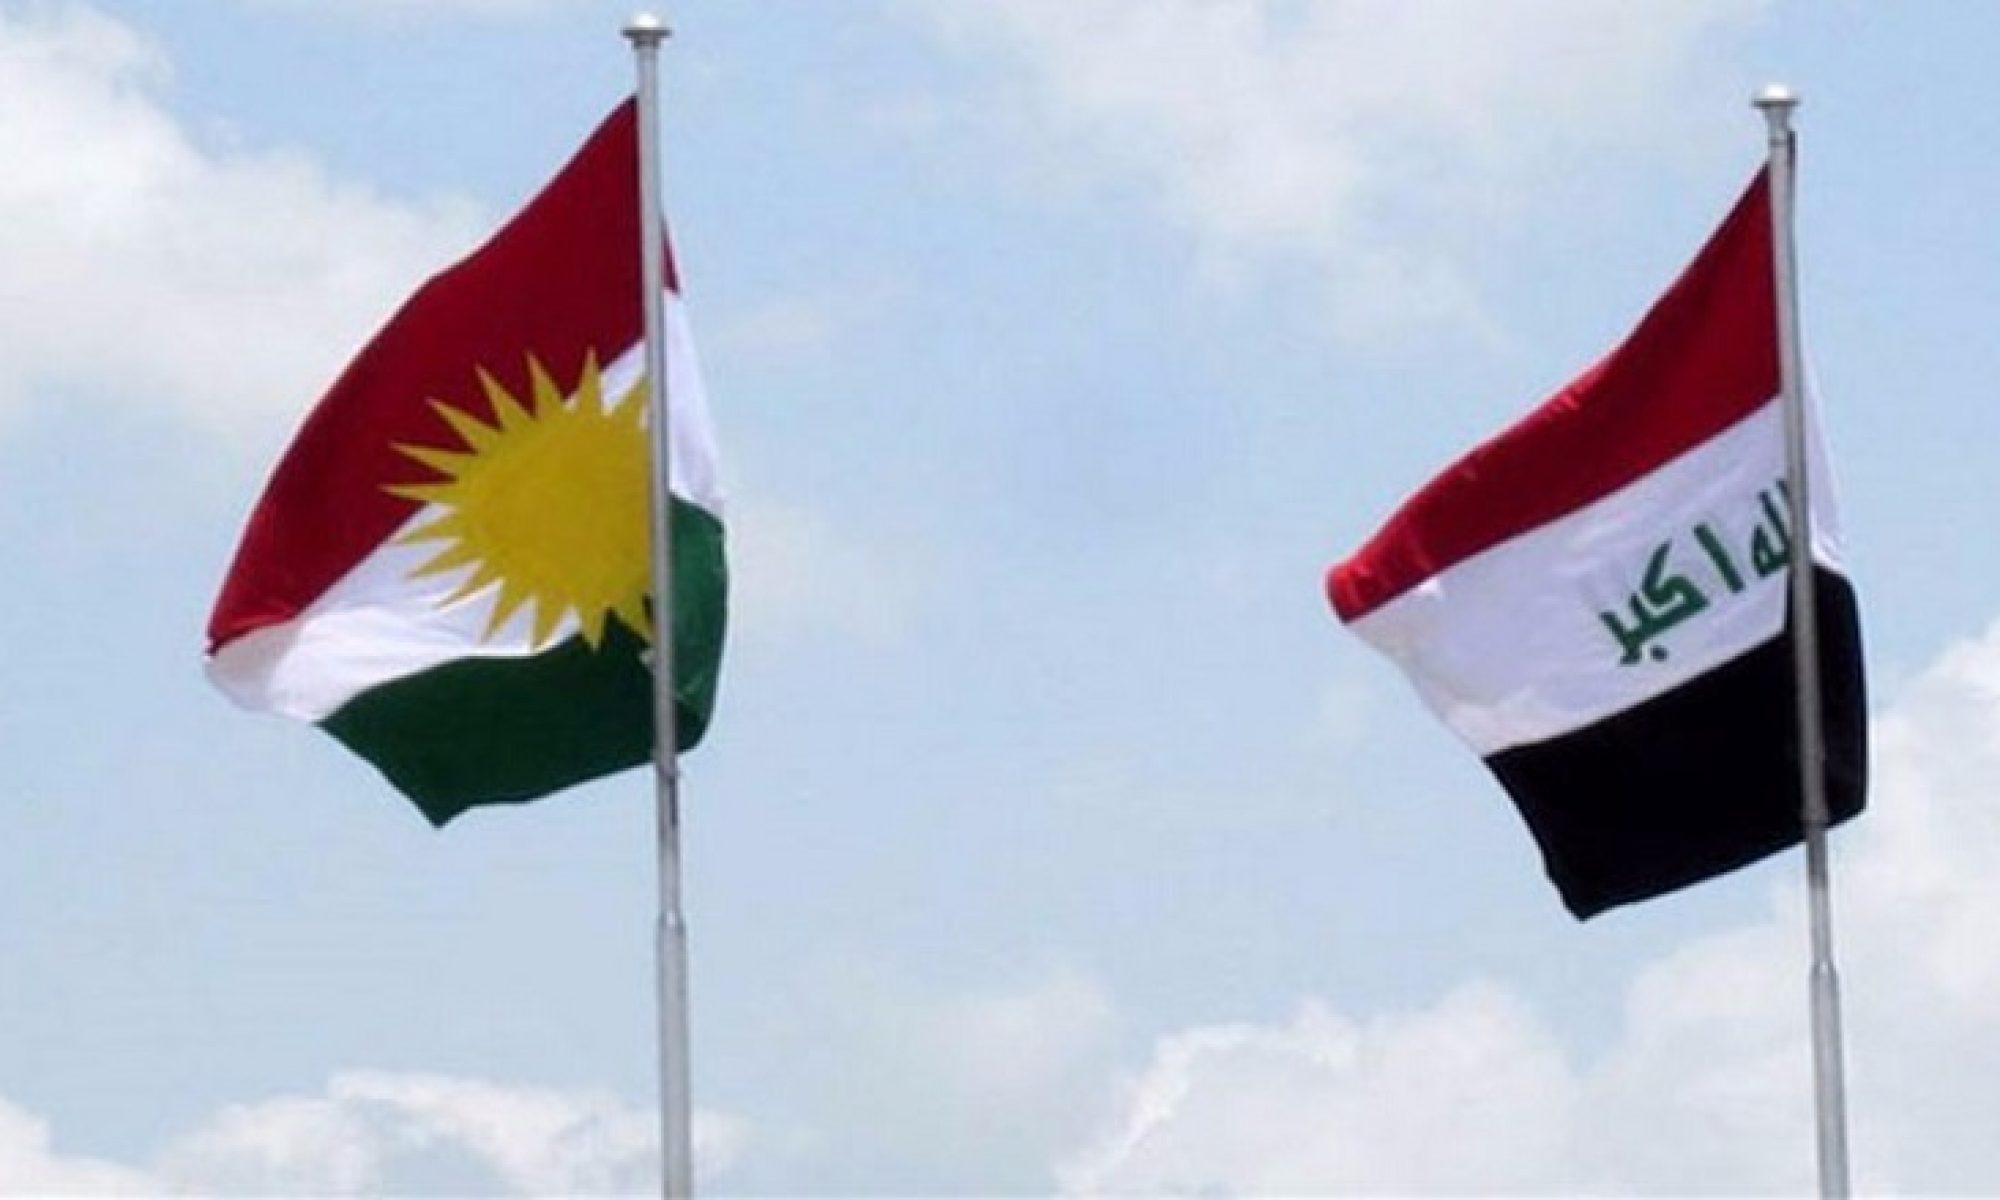 Şii partiler, Kürdistan Bölgesi'nin huzur ve güven ortamını bozmıyı amaçlıyorlar. Bu güçler Kürdistan Bölgesini, Güney Irak'a dönüştürmek istiyorlar.